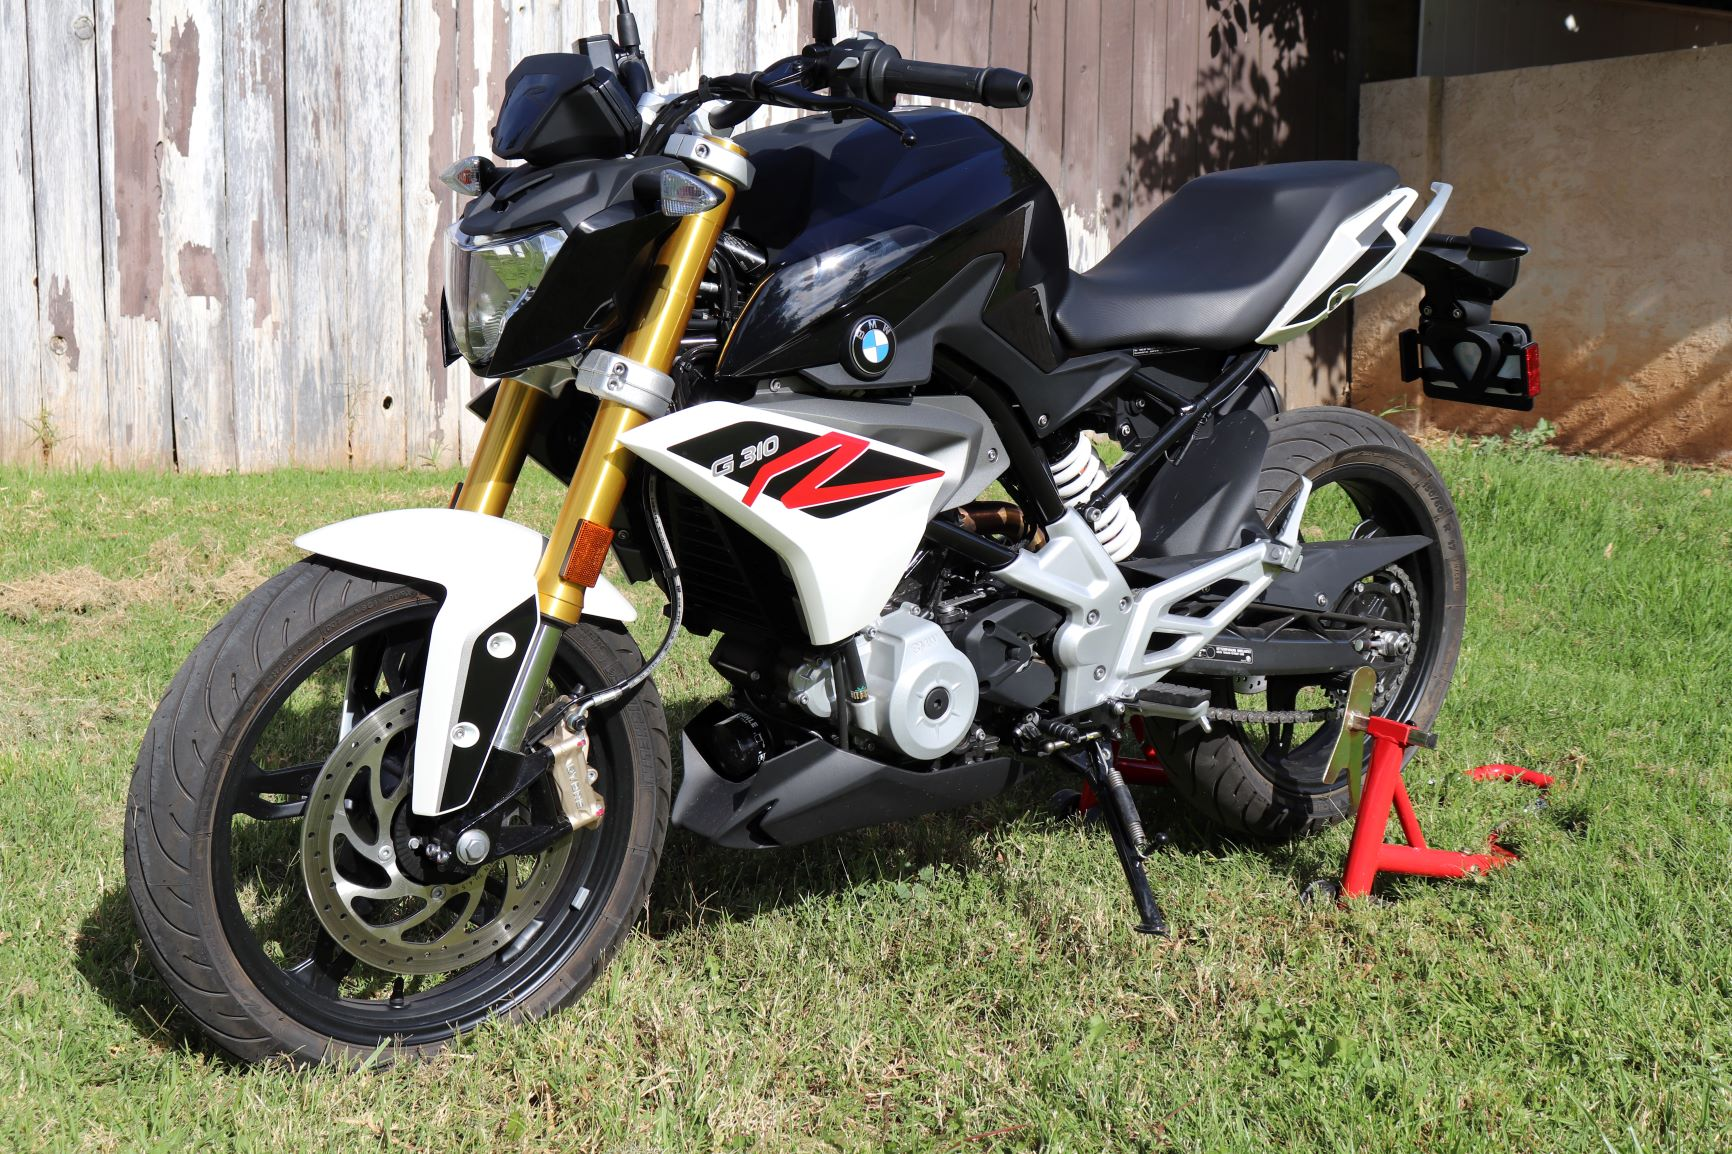 BMW g310r, albes adv, g310r, bmw motorcycle